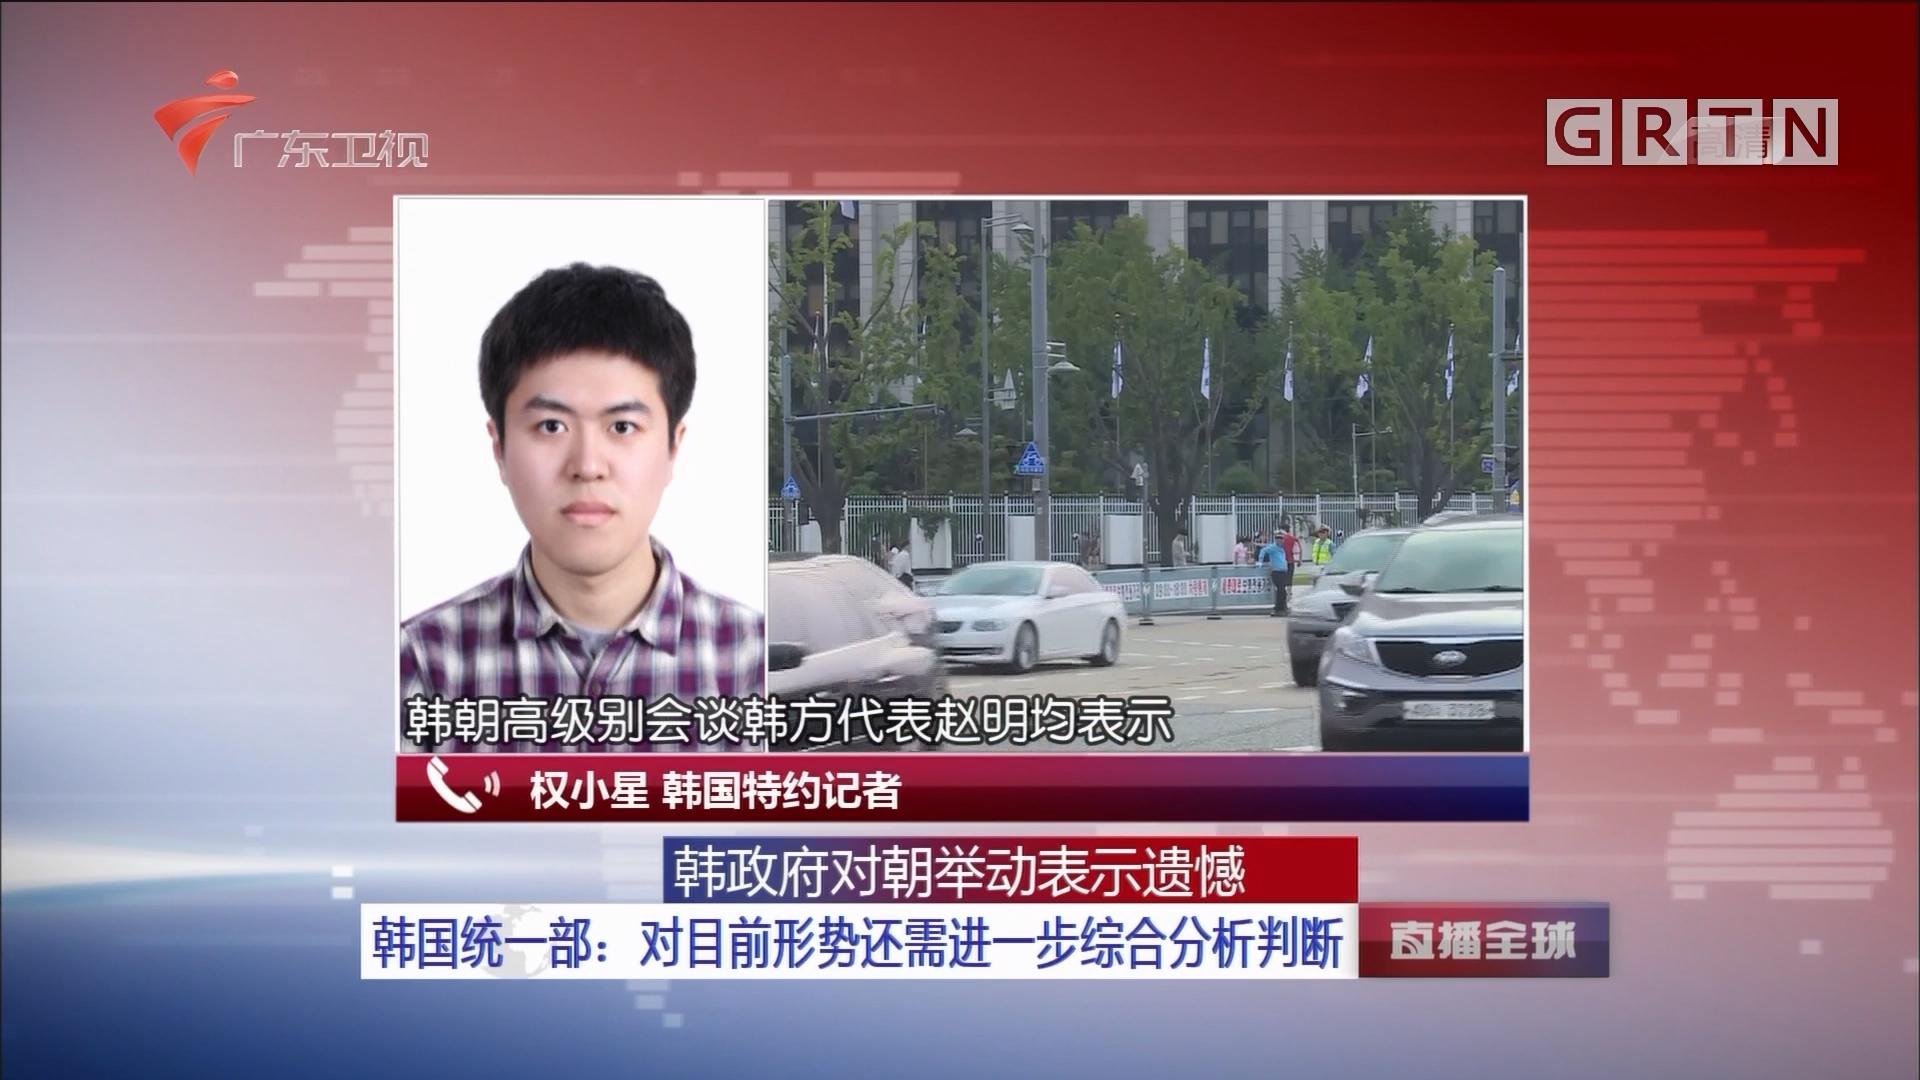 韩政府对朝举动表示遗憾 韩国统一部:对目前形势还需进一步综合分析判断